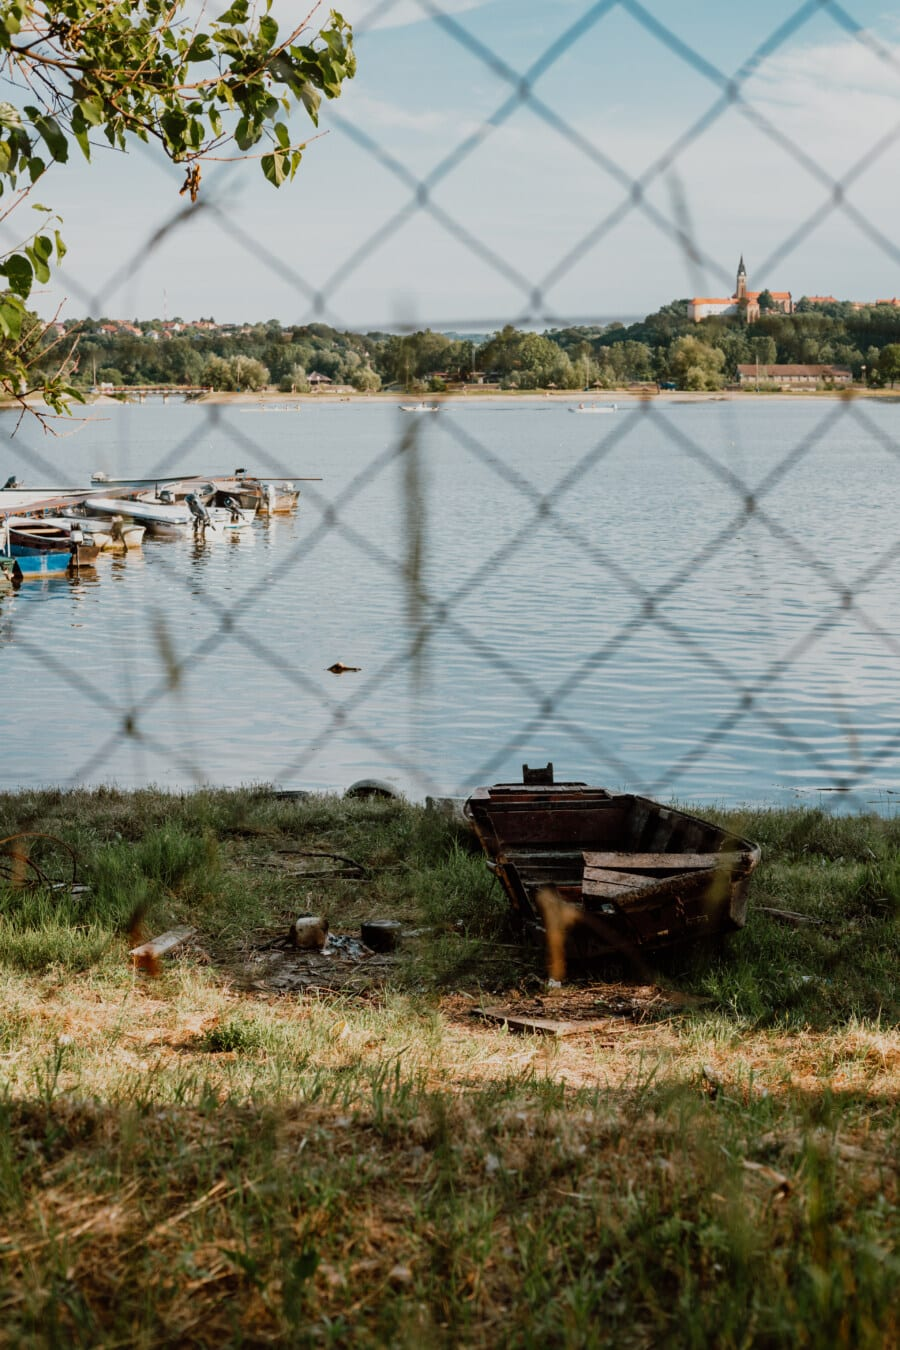 bateau, abandonné, en bois, eau, à l'extérieur, plage, nature, arbre, paysage, herbe